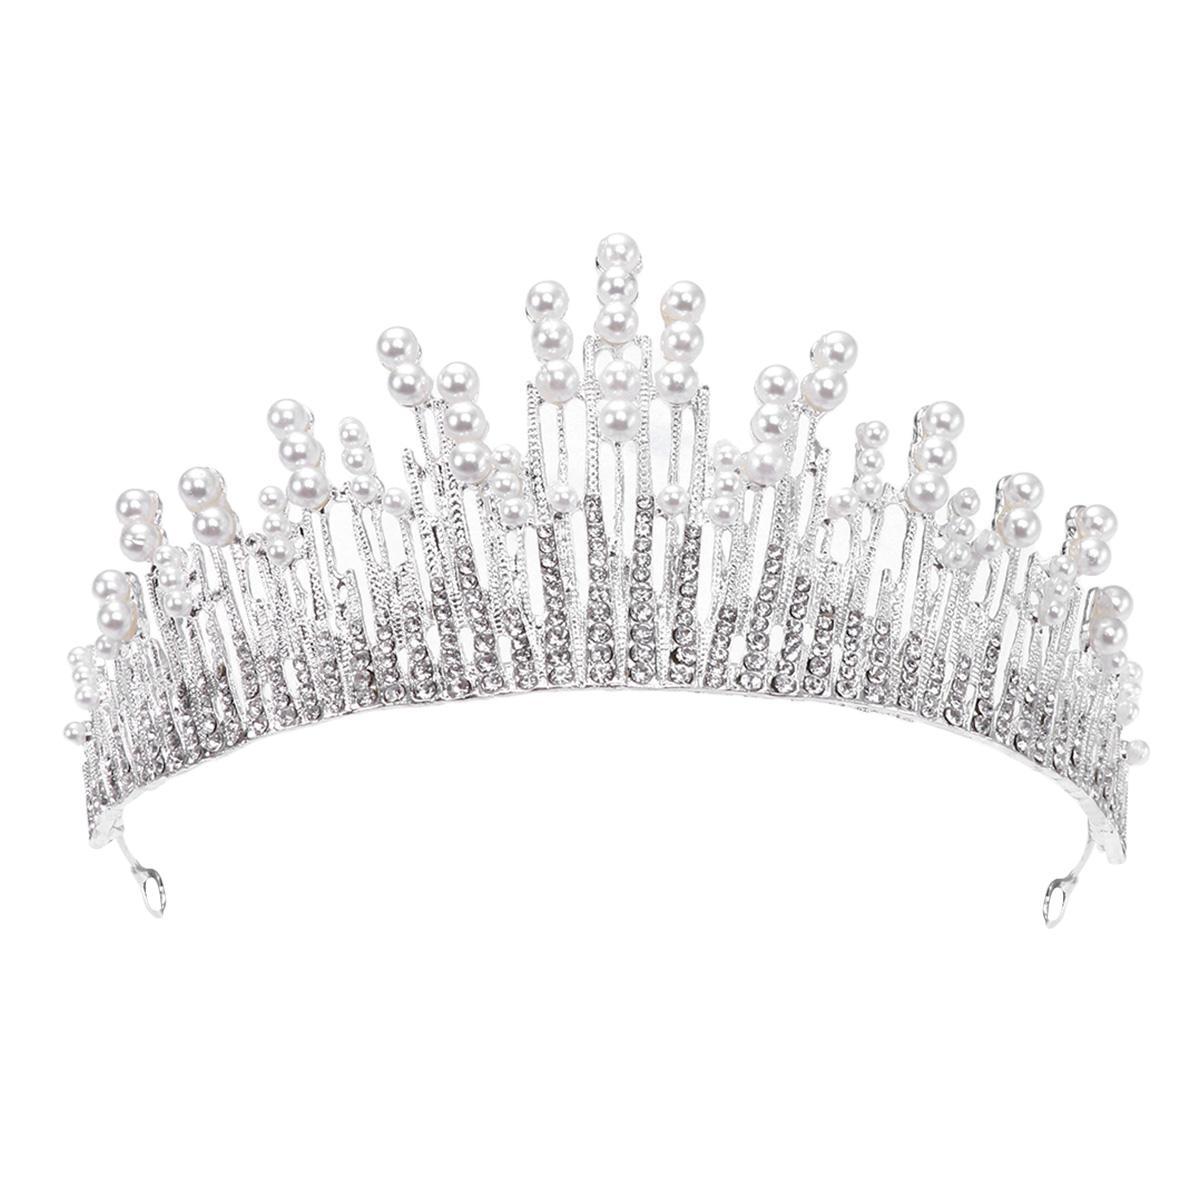 1975bd34c3d5 Compre 1 Unid Tiara Coronas De Cristal Vintage Rhinestone Barroco  Accesorios Para El Cabello Coronas Joyería Aro Del Pelo Para La Boda De  Compromiso ...